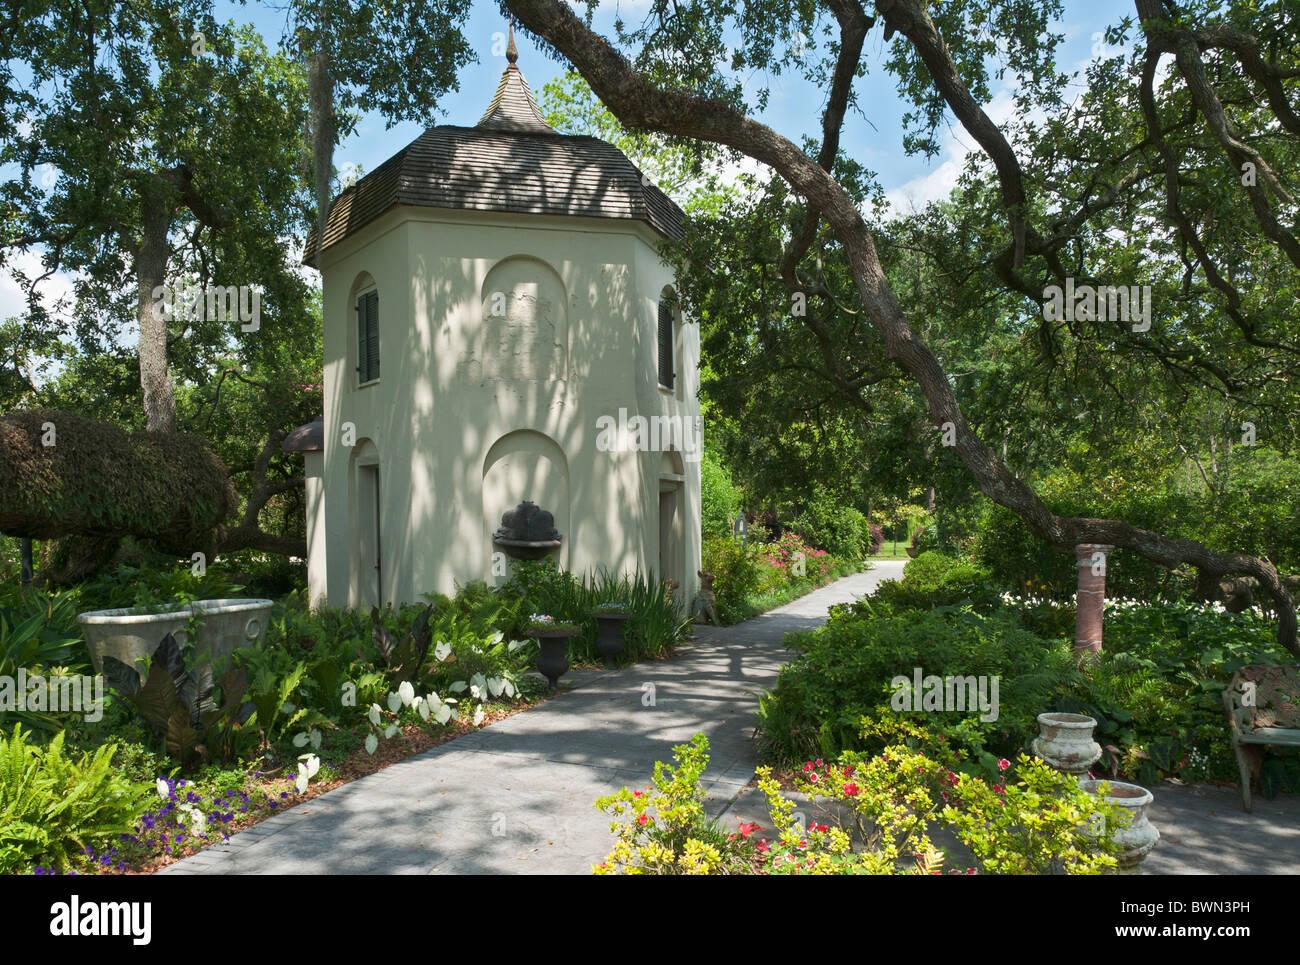 Louisiana Darrow Houmas House Plantation And Gardens Garconniere Stock Photo Royalty Free